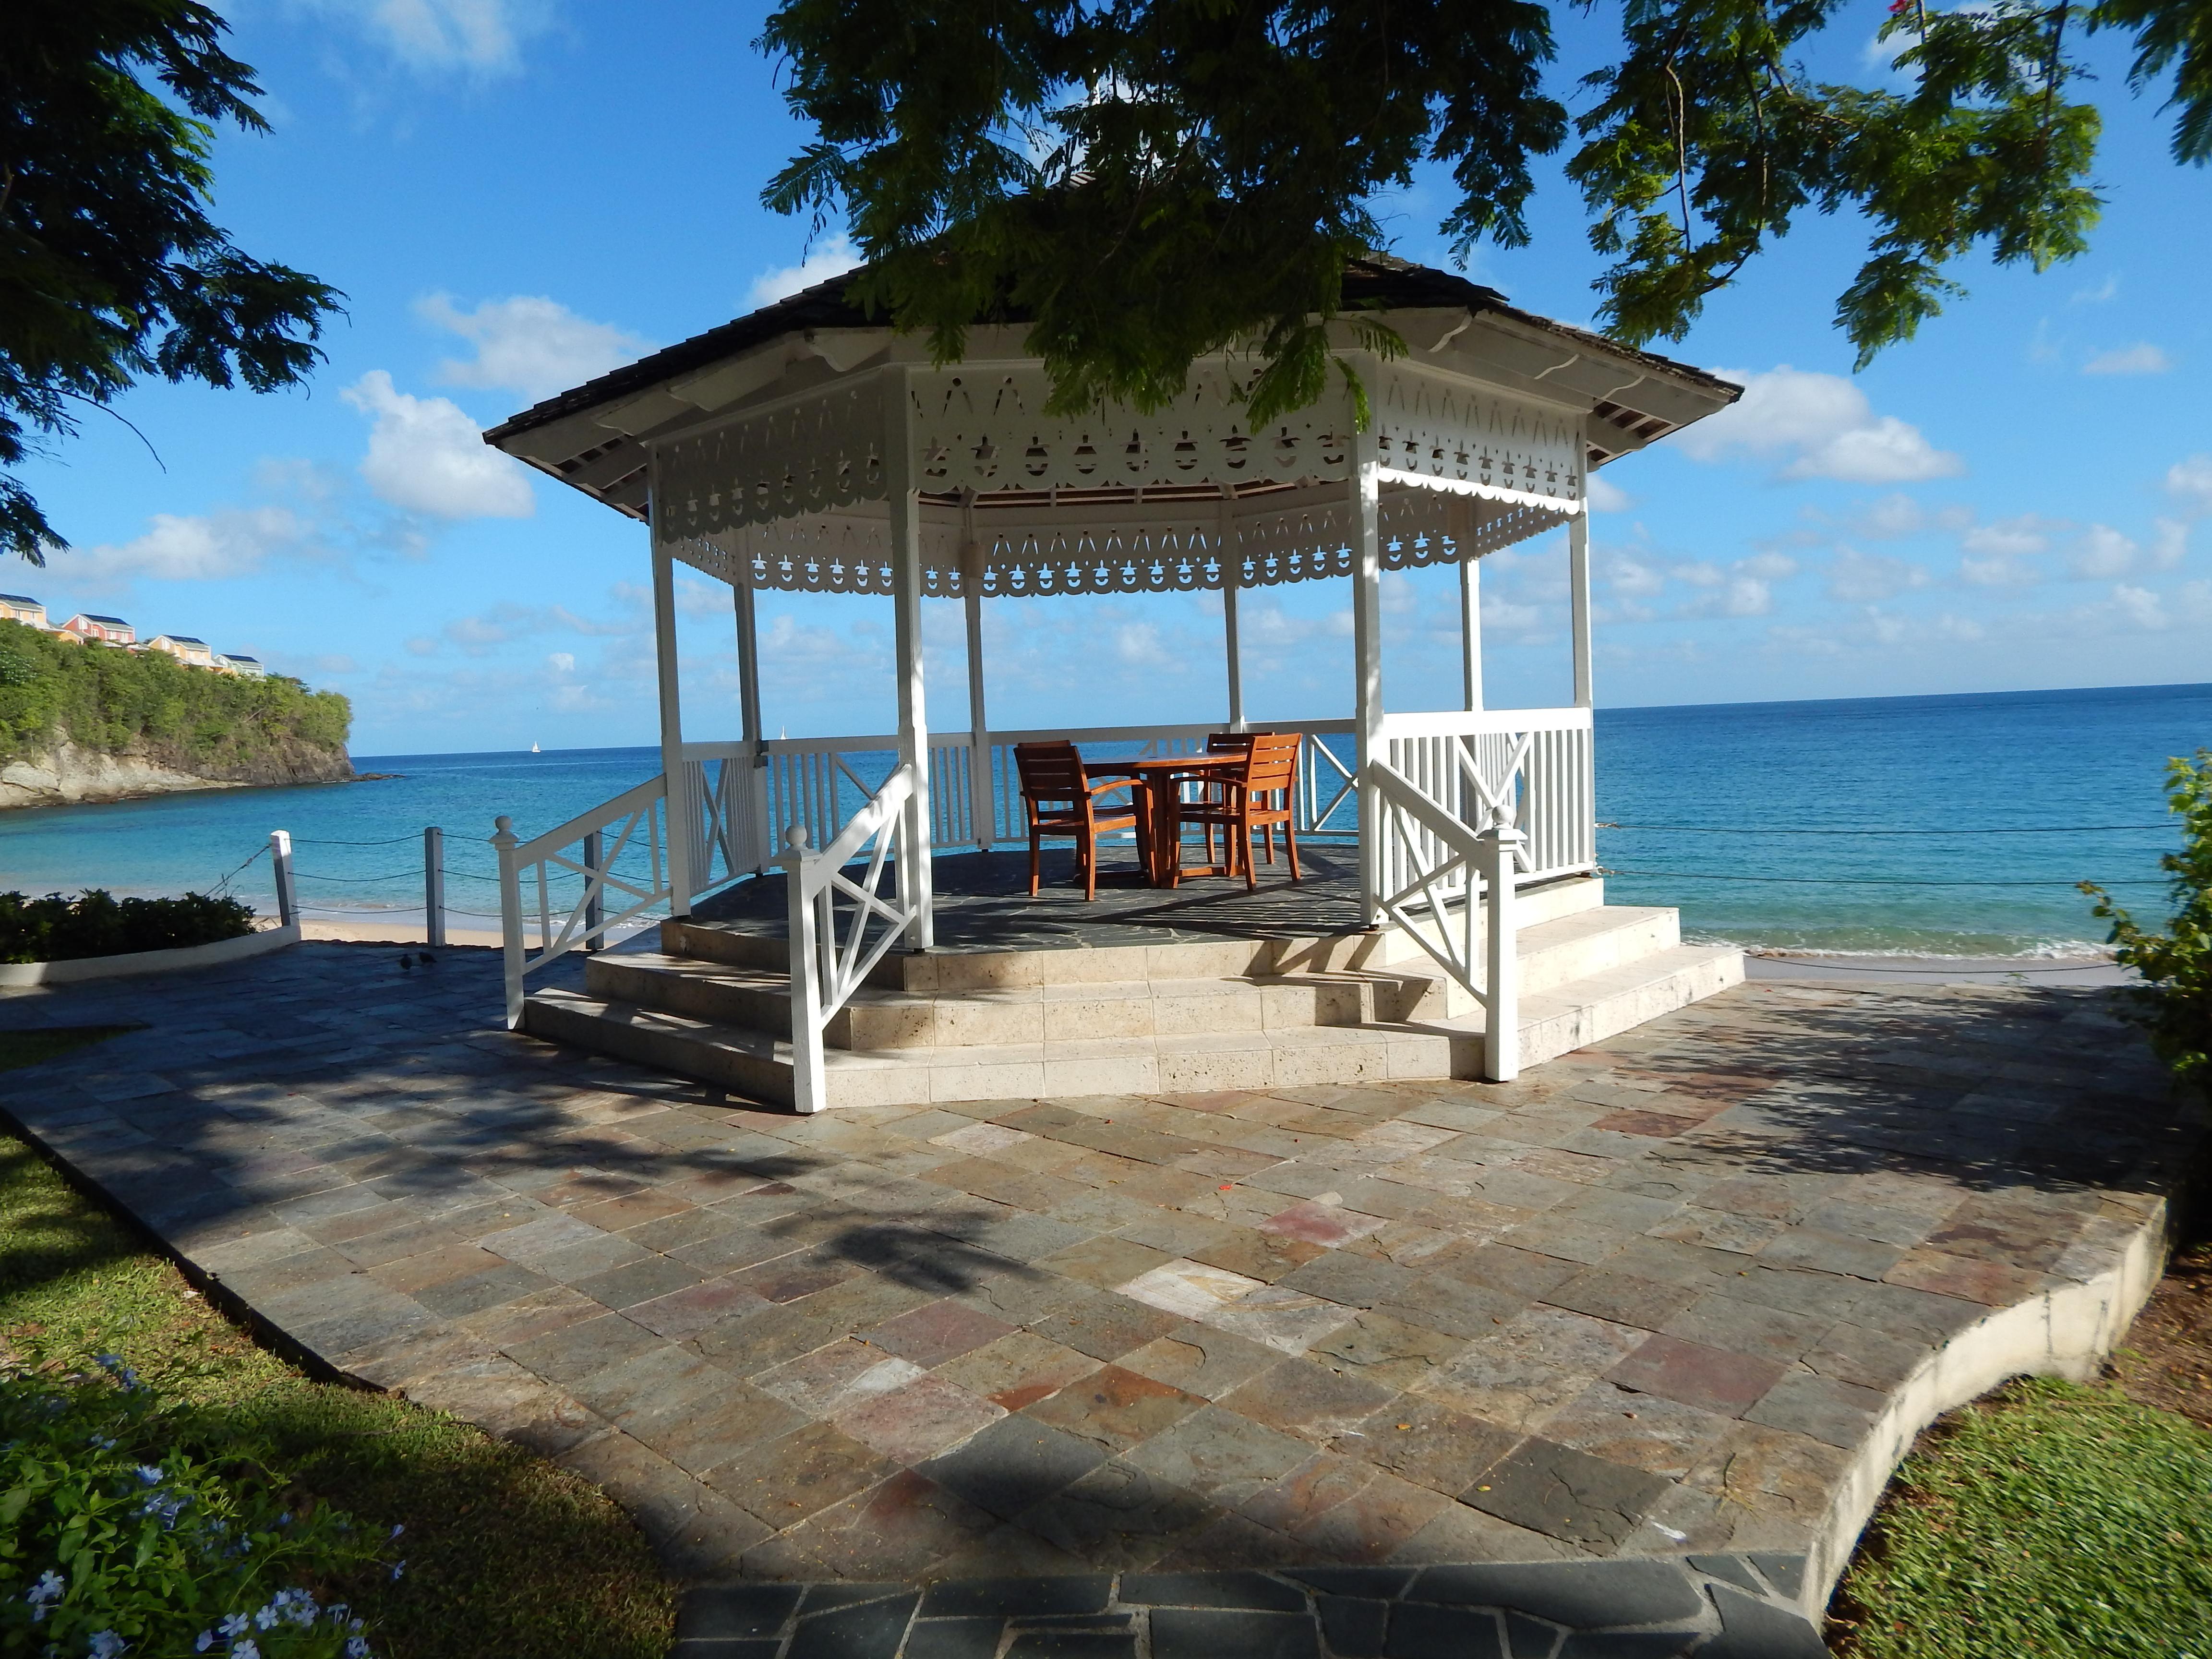 Sandals Regency La Toc St Lucia World Class Cruises Tours